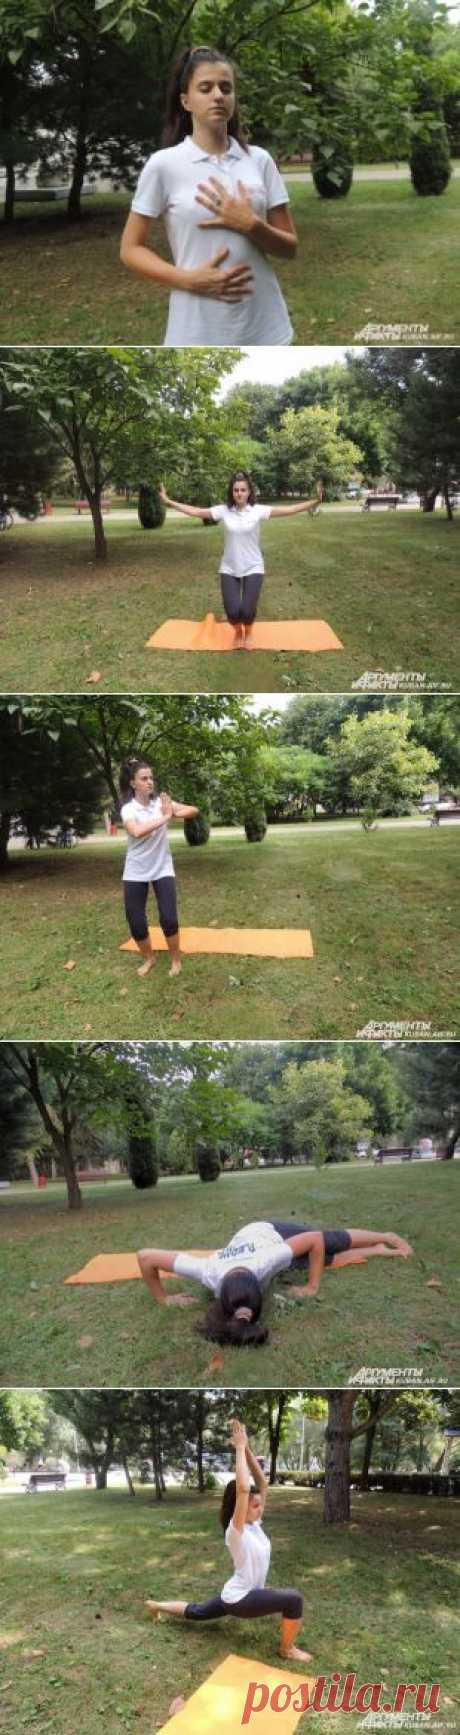 10 простых шагов для тех, кто хочет освоить йогу | ЗДОРОВЬЕ: События | ЗДОРОВЬЕ | АиФ Краснодар